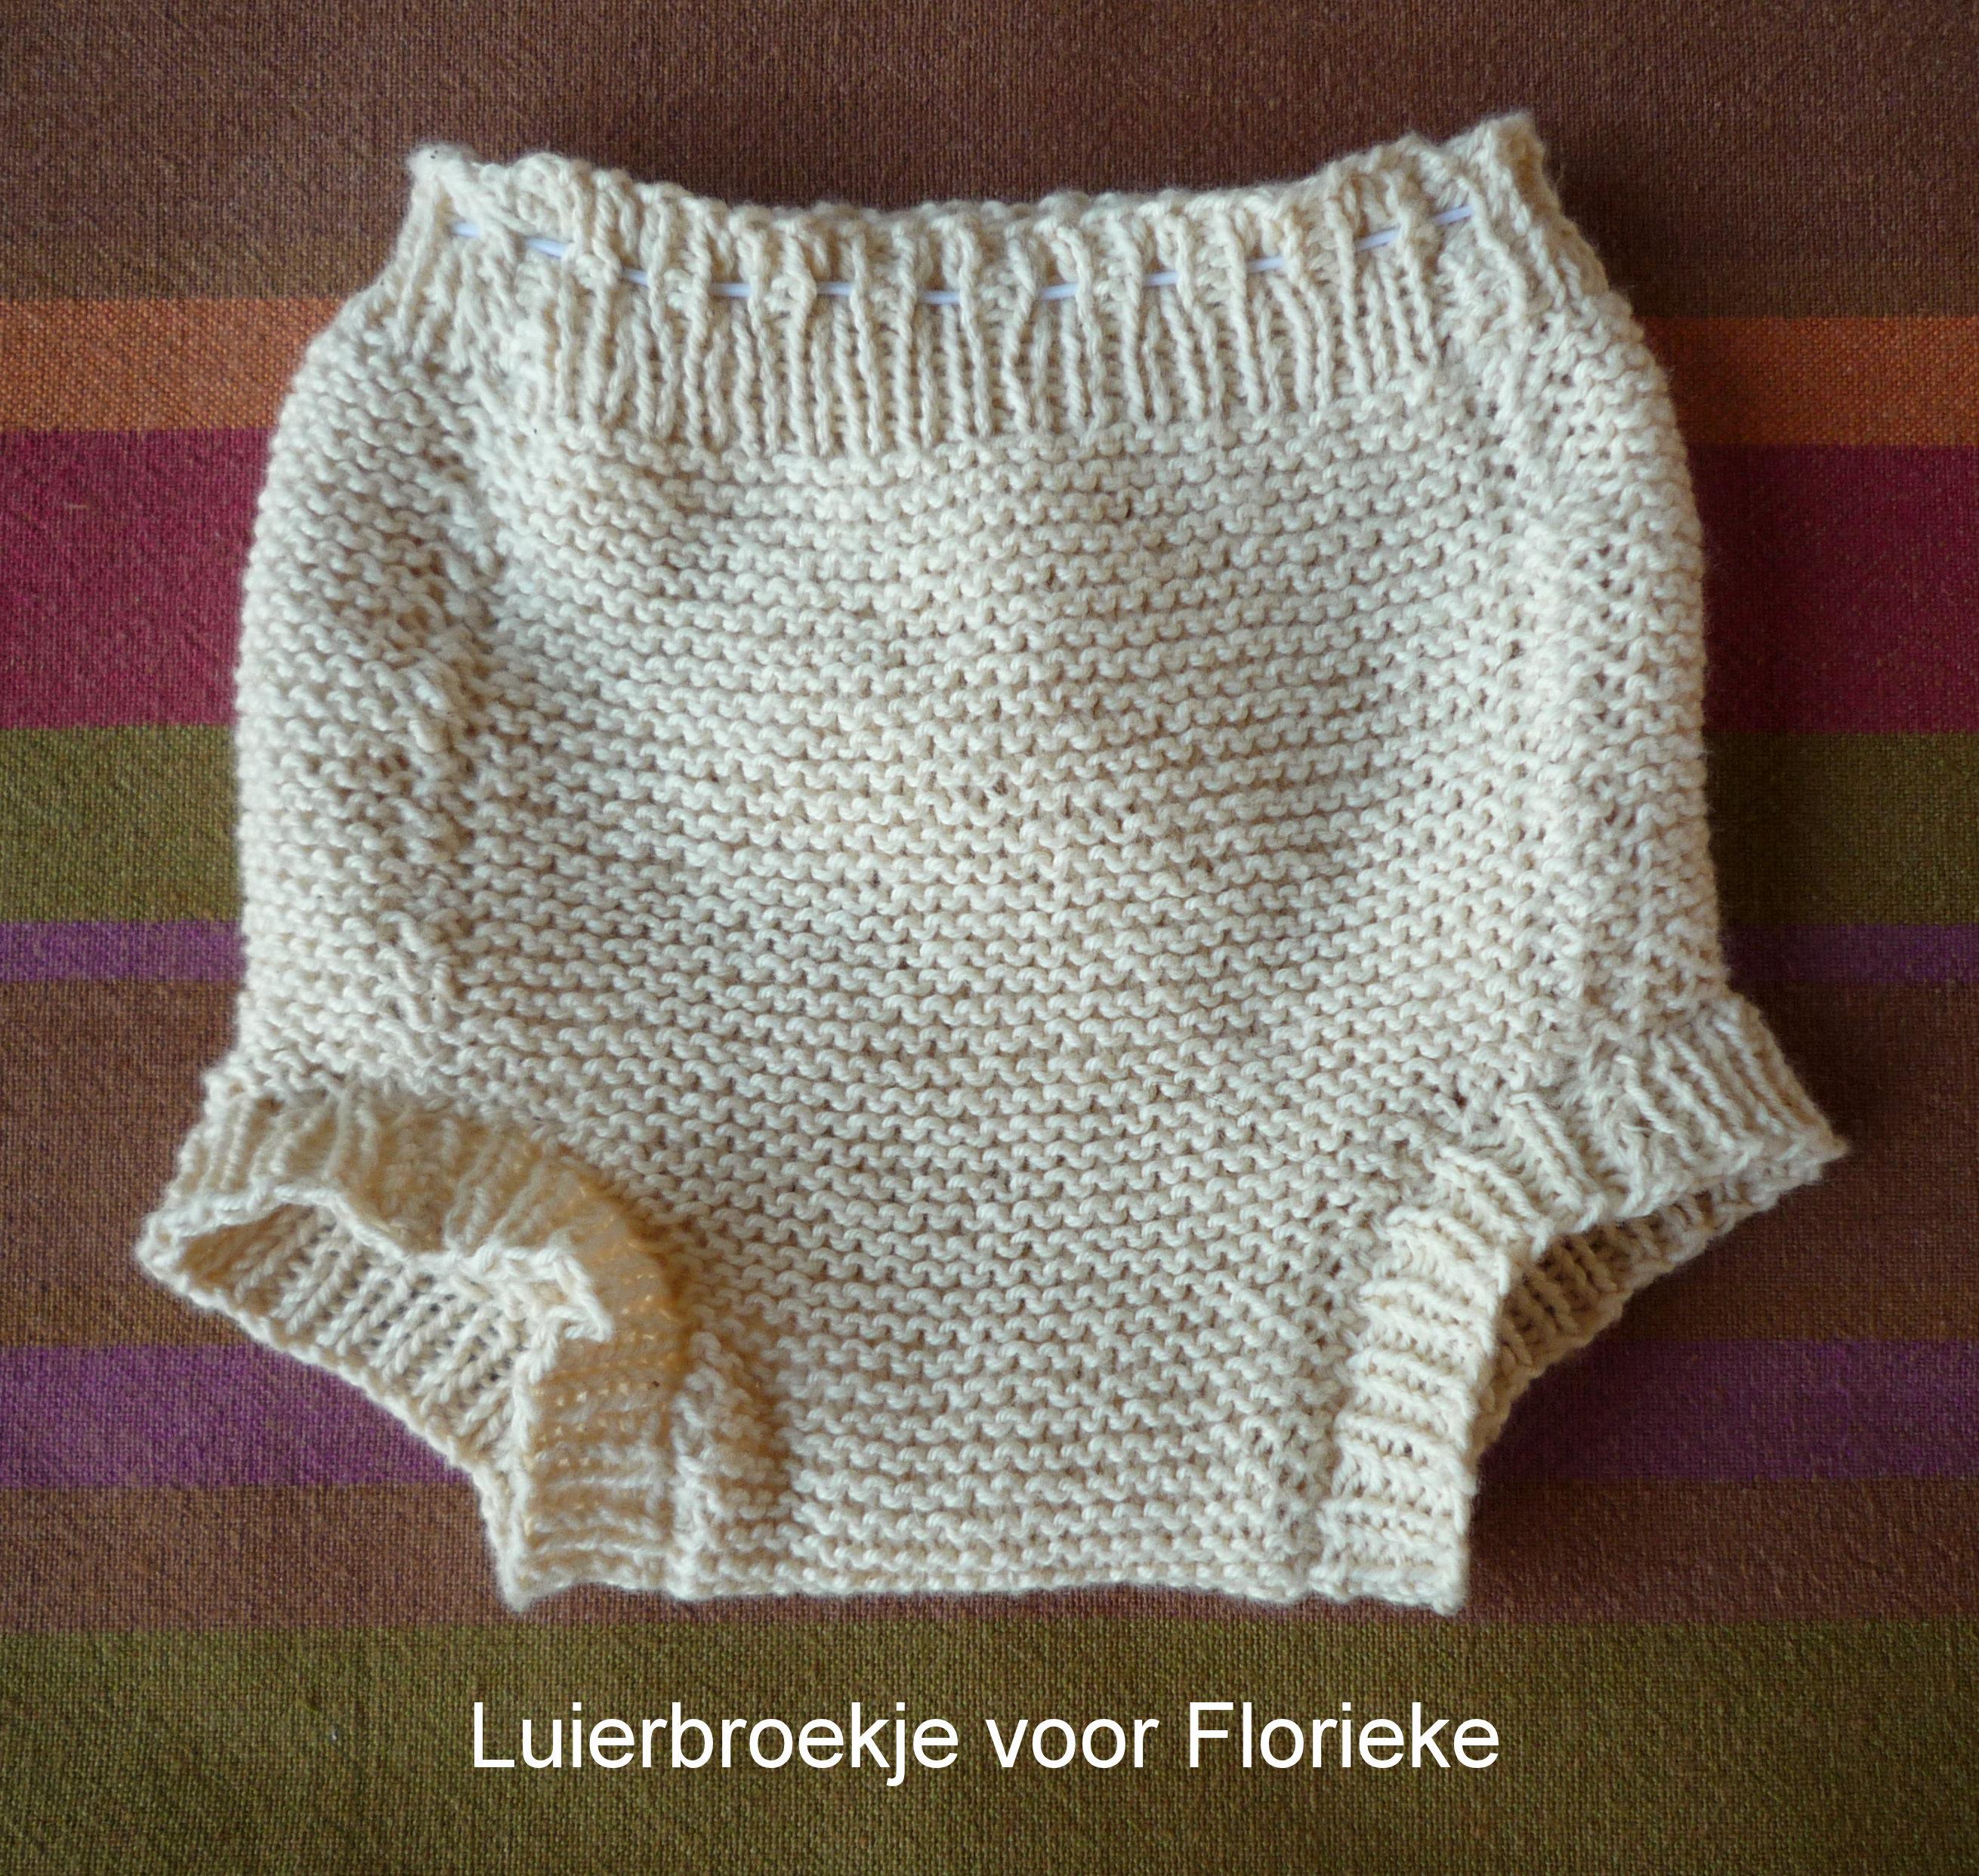 https://welkepopisdat.nl/afbeeldingen-Forum/DurvinaFotos/kleertjes%20Darlene%20en%20Florieke%20(5).JPG